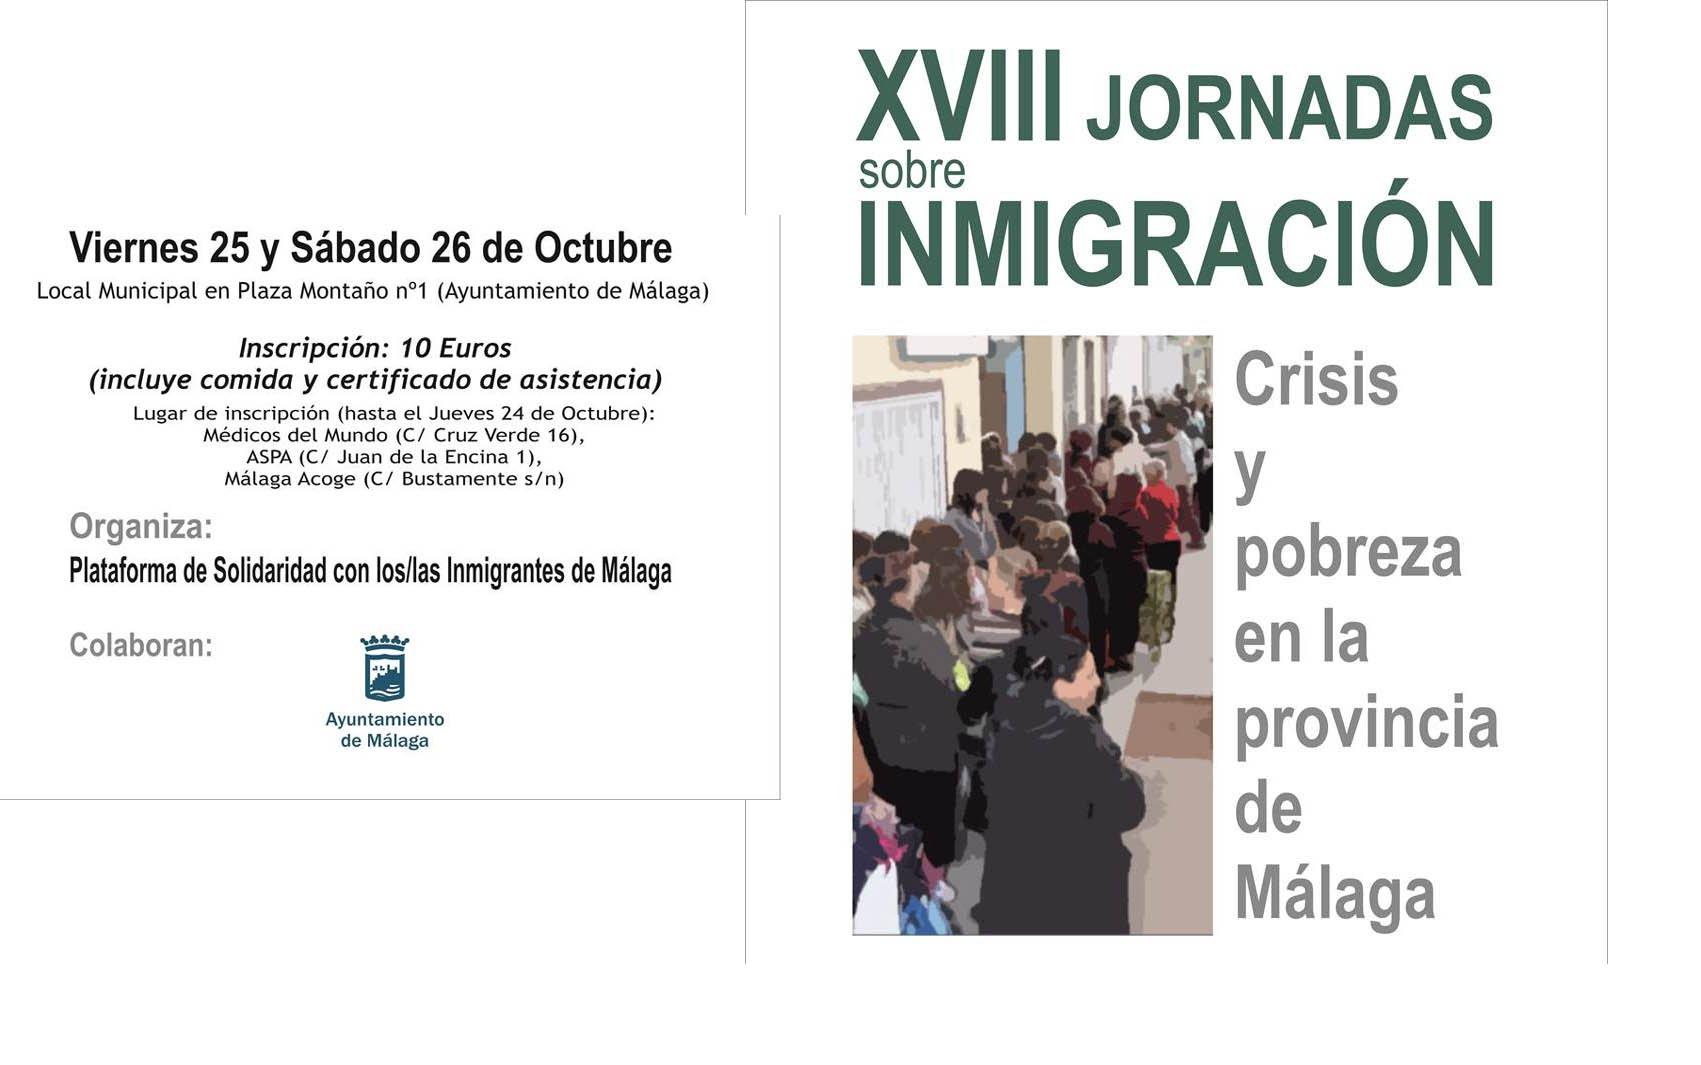 XVIII Jornadas sobre Inmigración